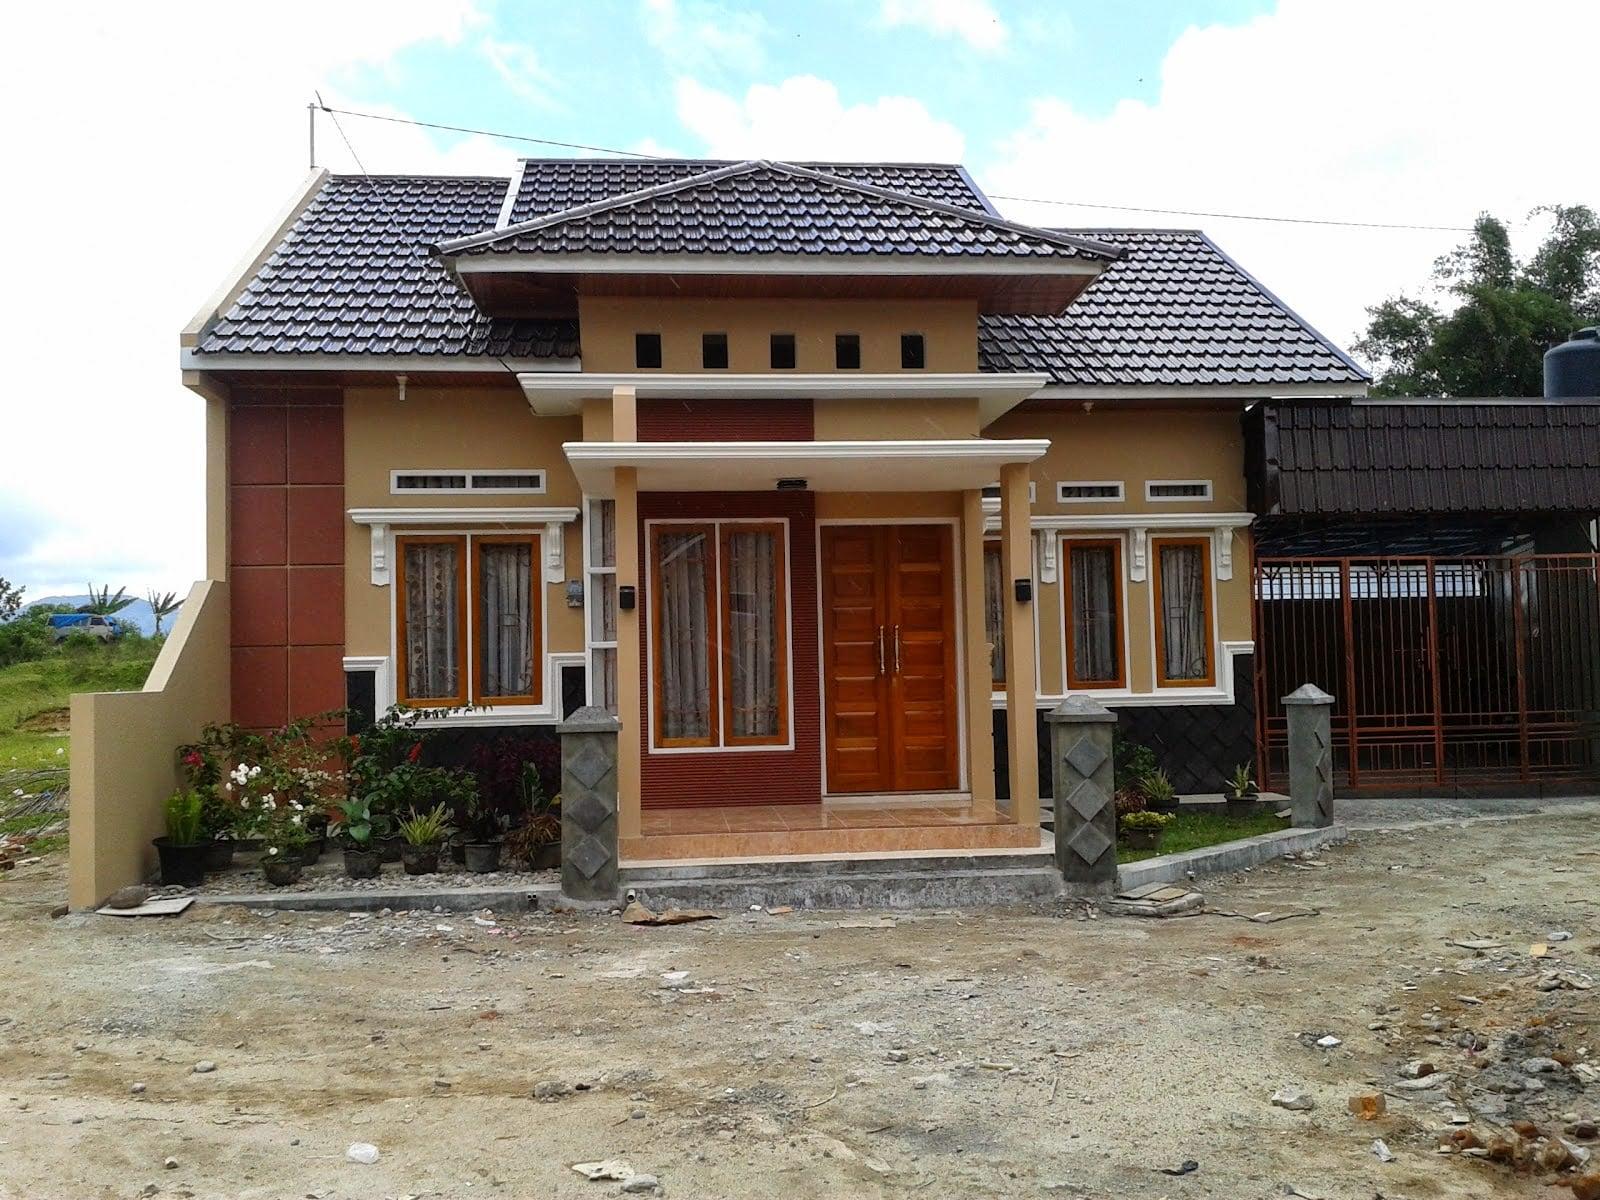 Unik 21 Gambar Rumah Kampung 42 Tentang Desain Dekorasi Mebel Rumah dengan 21 Gambar Rumah Kampung